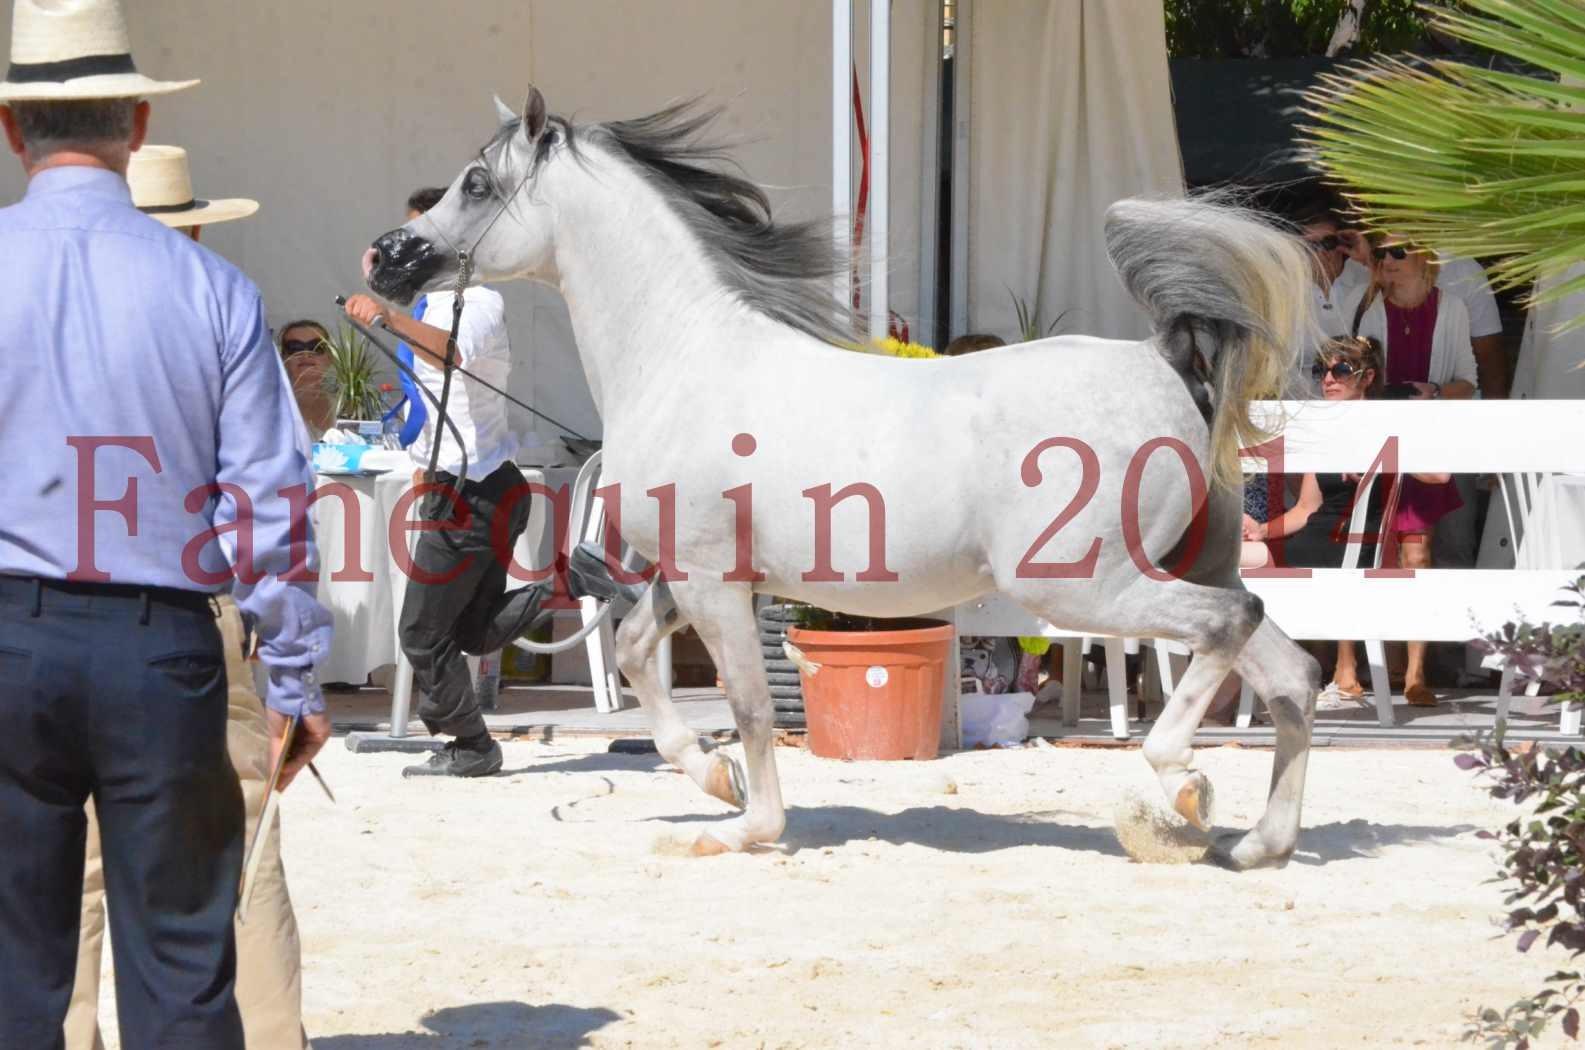 Concours National de Nîmes de chevaux ARABES 2014 - Sélection - SHAOLIN DE NEDJAIA - 31